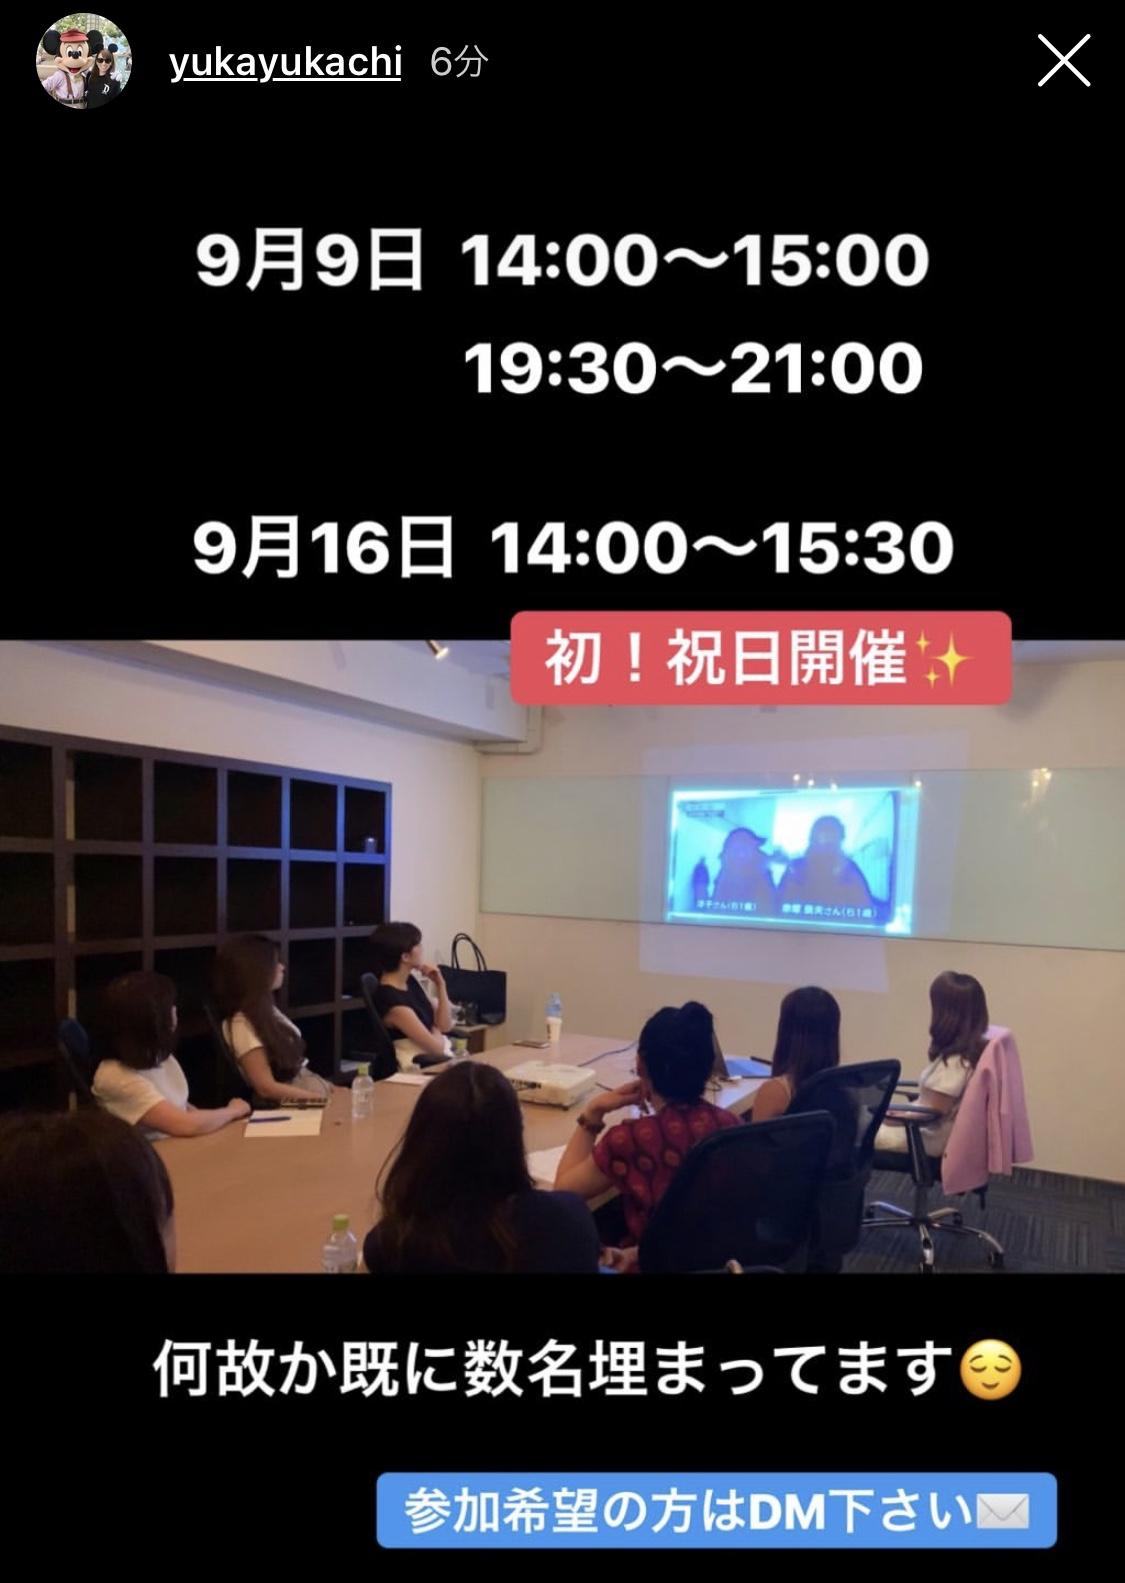 9月の加賀家マネーセミナー開催日決定。【初の祝日開催】です。